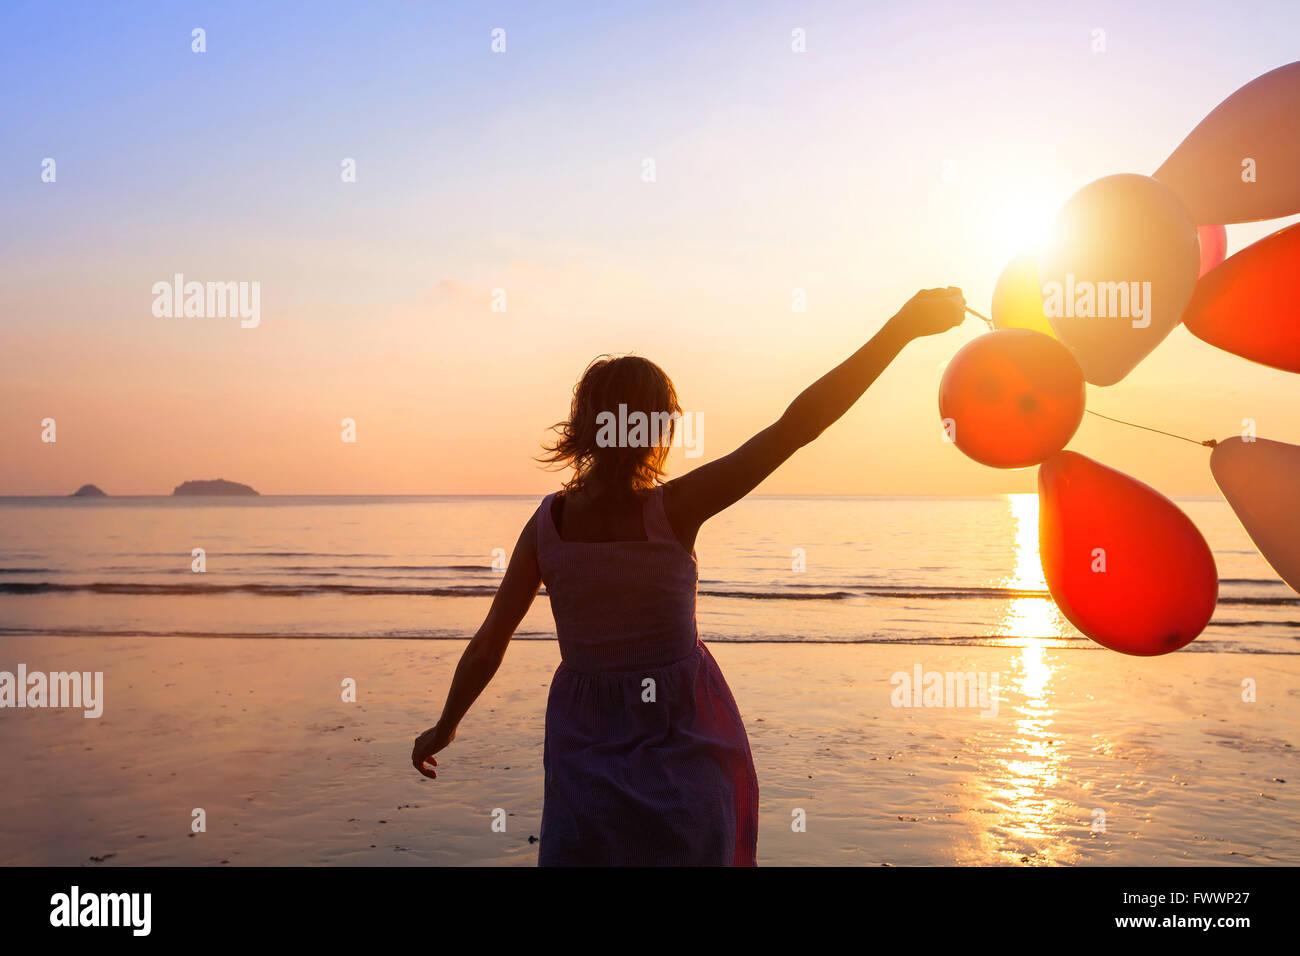 Concetto di felicità, felice ragazza con palloncini multicolori, di gioia e di emozioni positive Immagini Stock